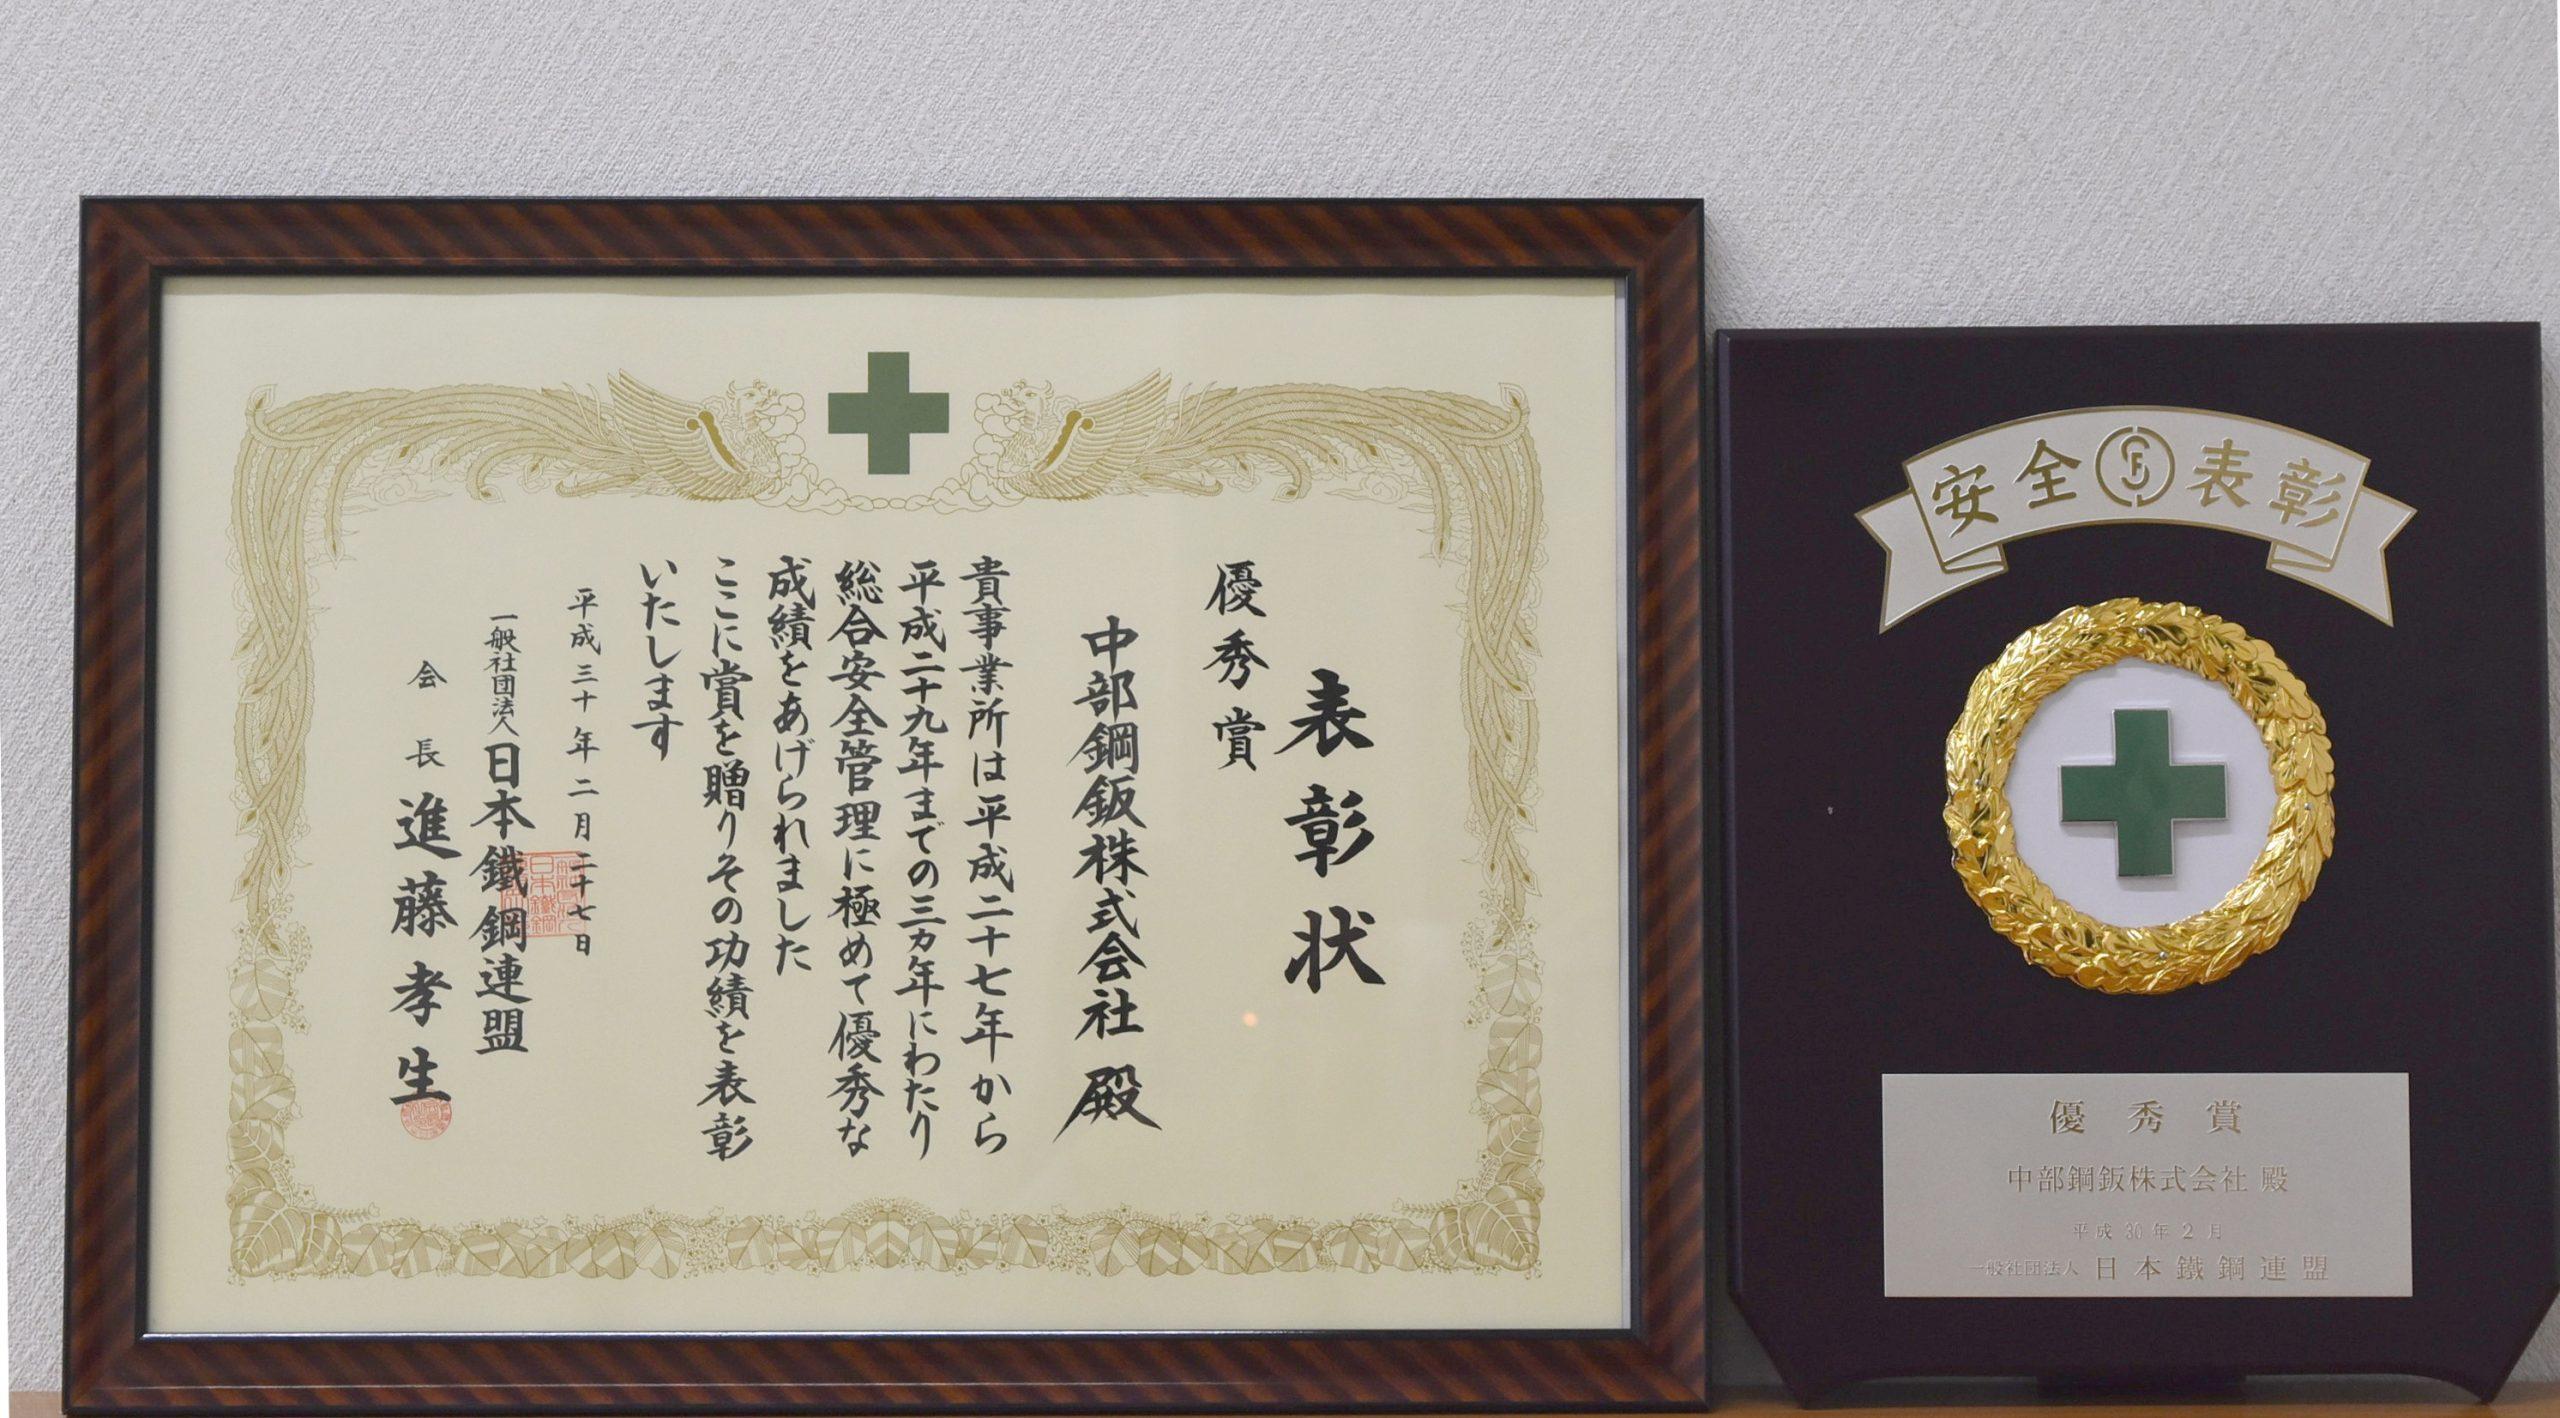 鉄鋼連盟安全表彰「優秀賞」受賞